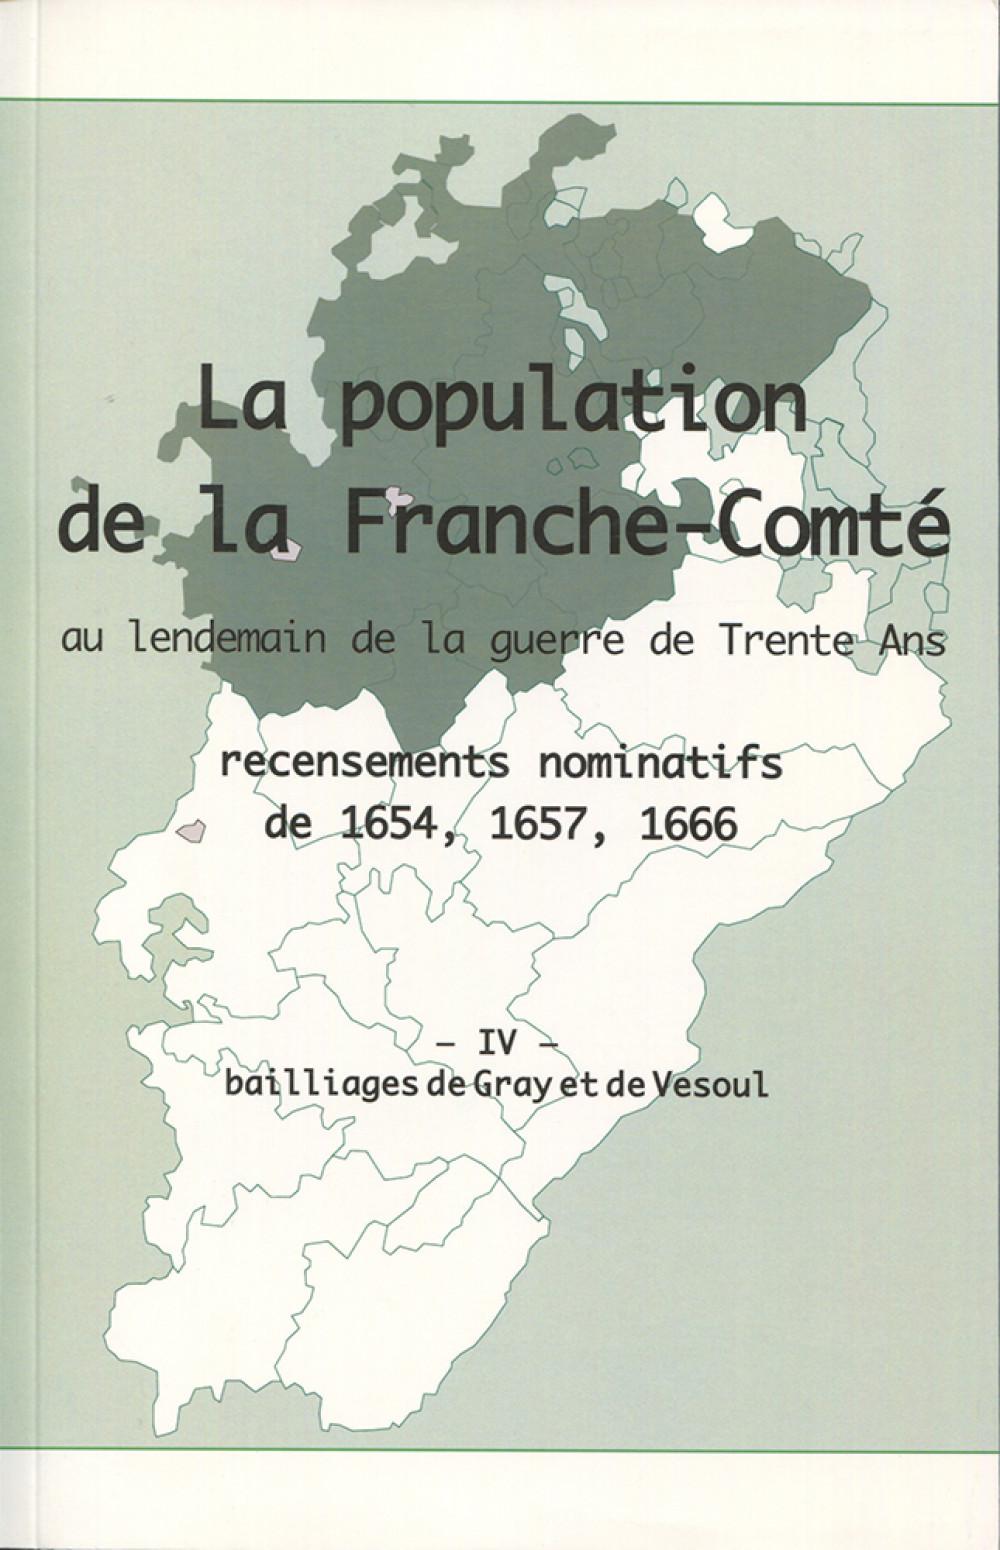 La population en Franche-Comté au lendemain de la guerre de Trente Ans. Tome IV